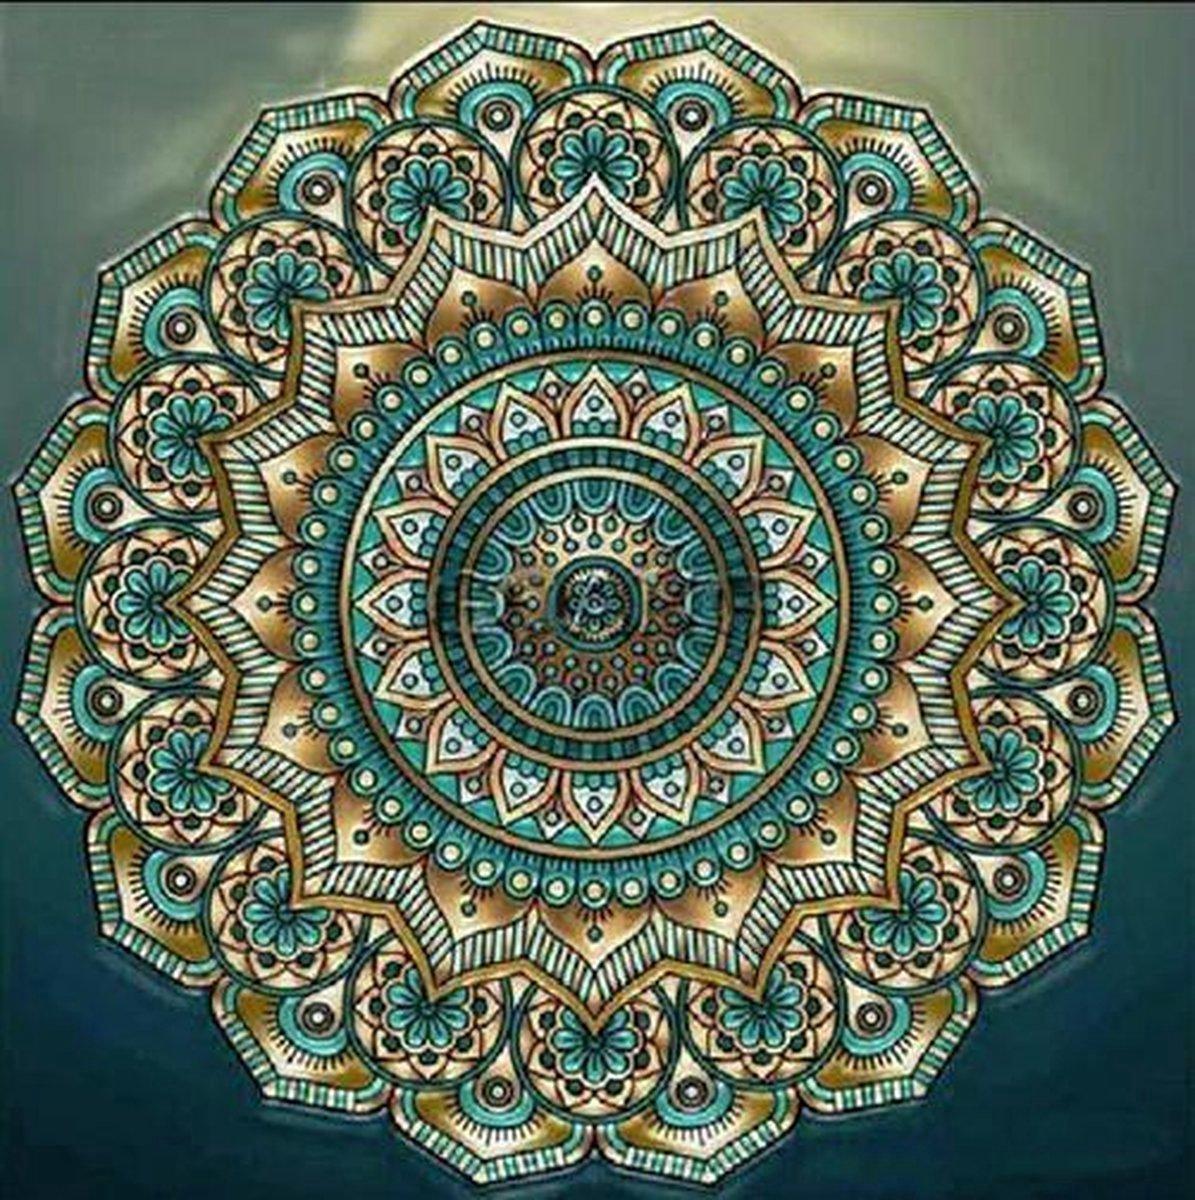 Premium Paintings - Mandala Groen - Diamond Painting Volwassenen - Pakket Volledig / Pakket Full - 40x40 - Moederdag cadeautje